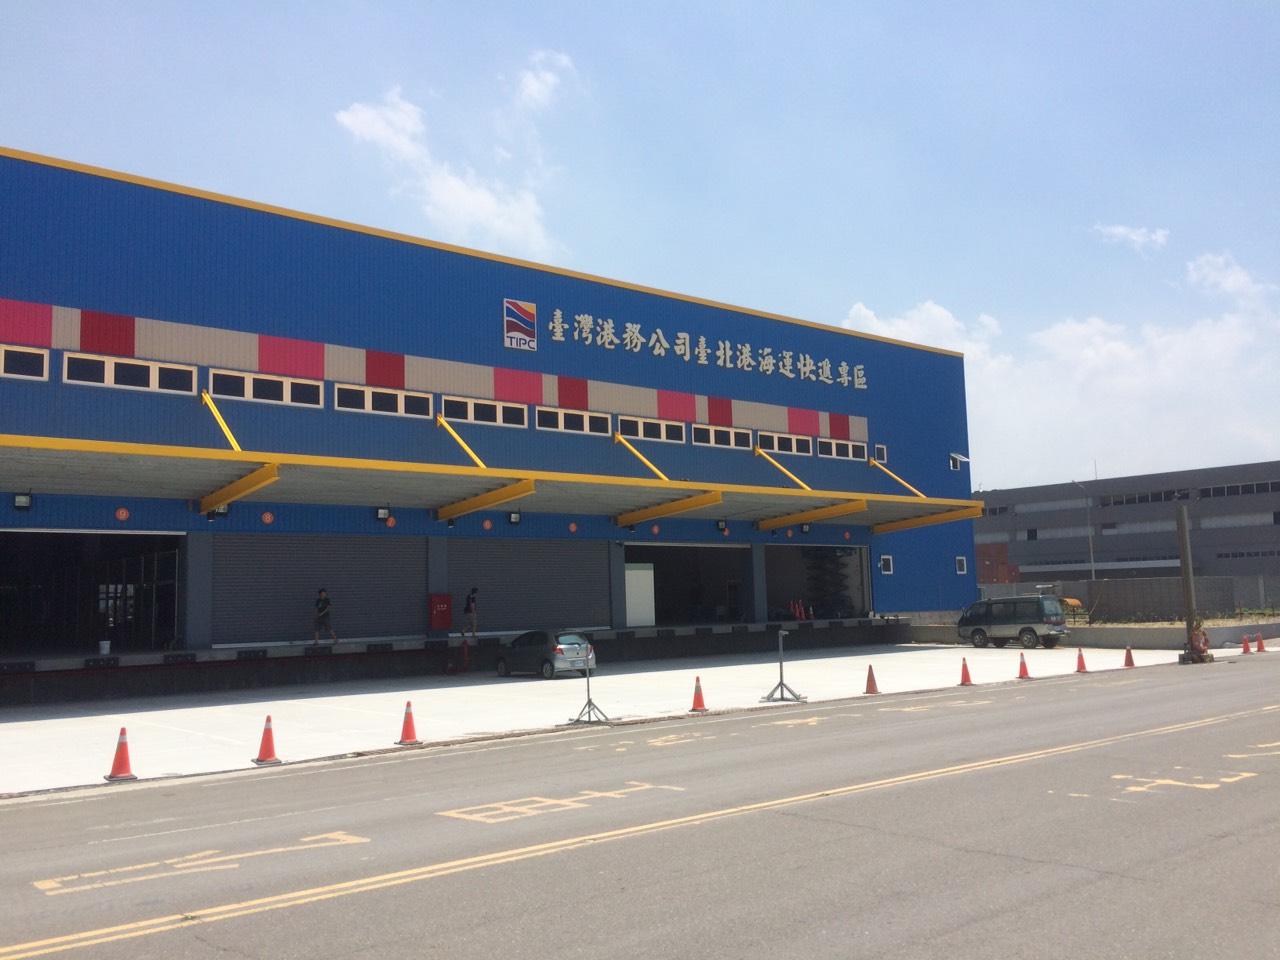 捷豐國際物流股份有限公司|尋良醫|GD 數位基地